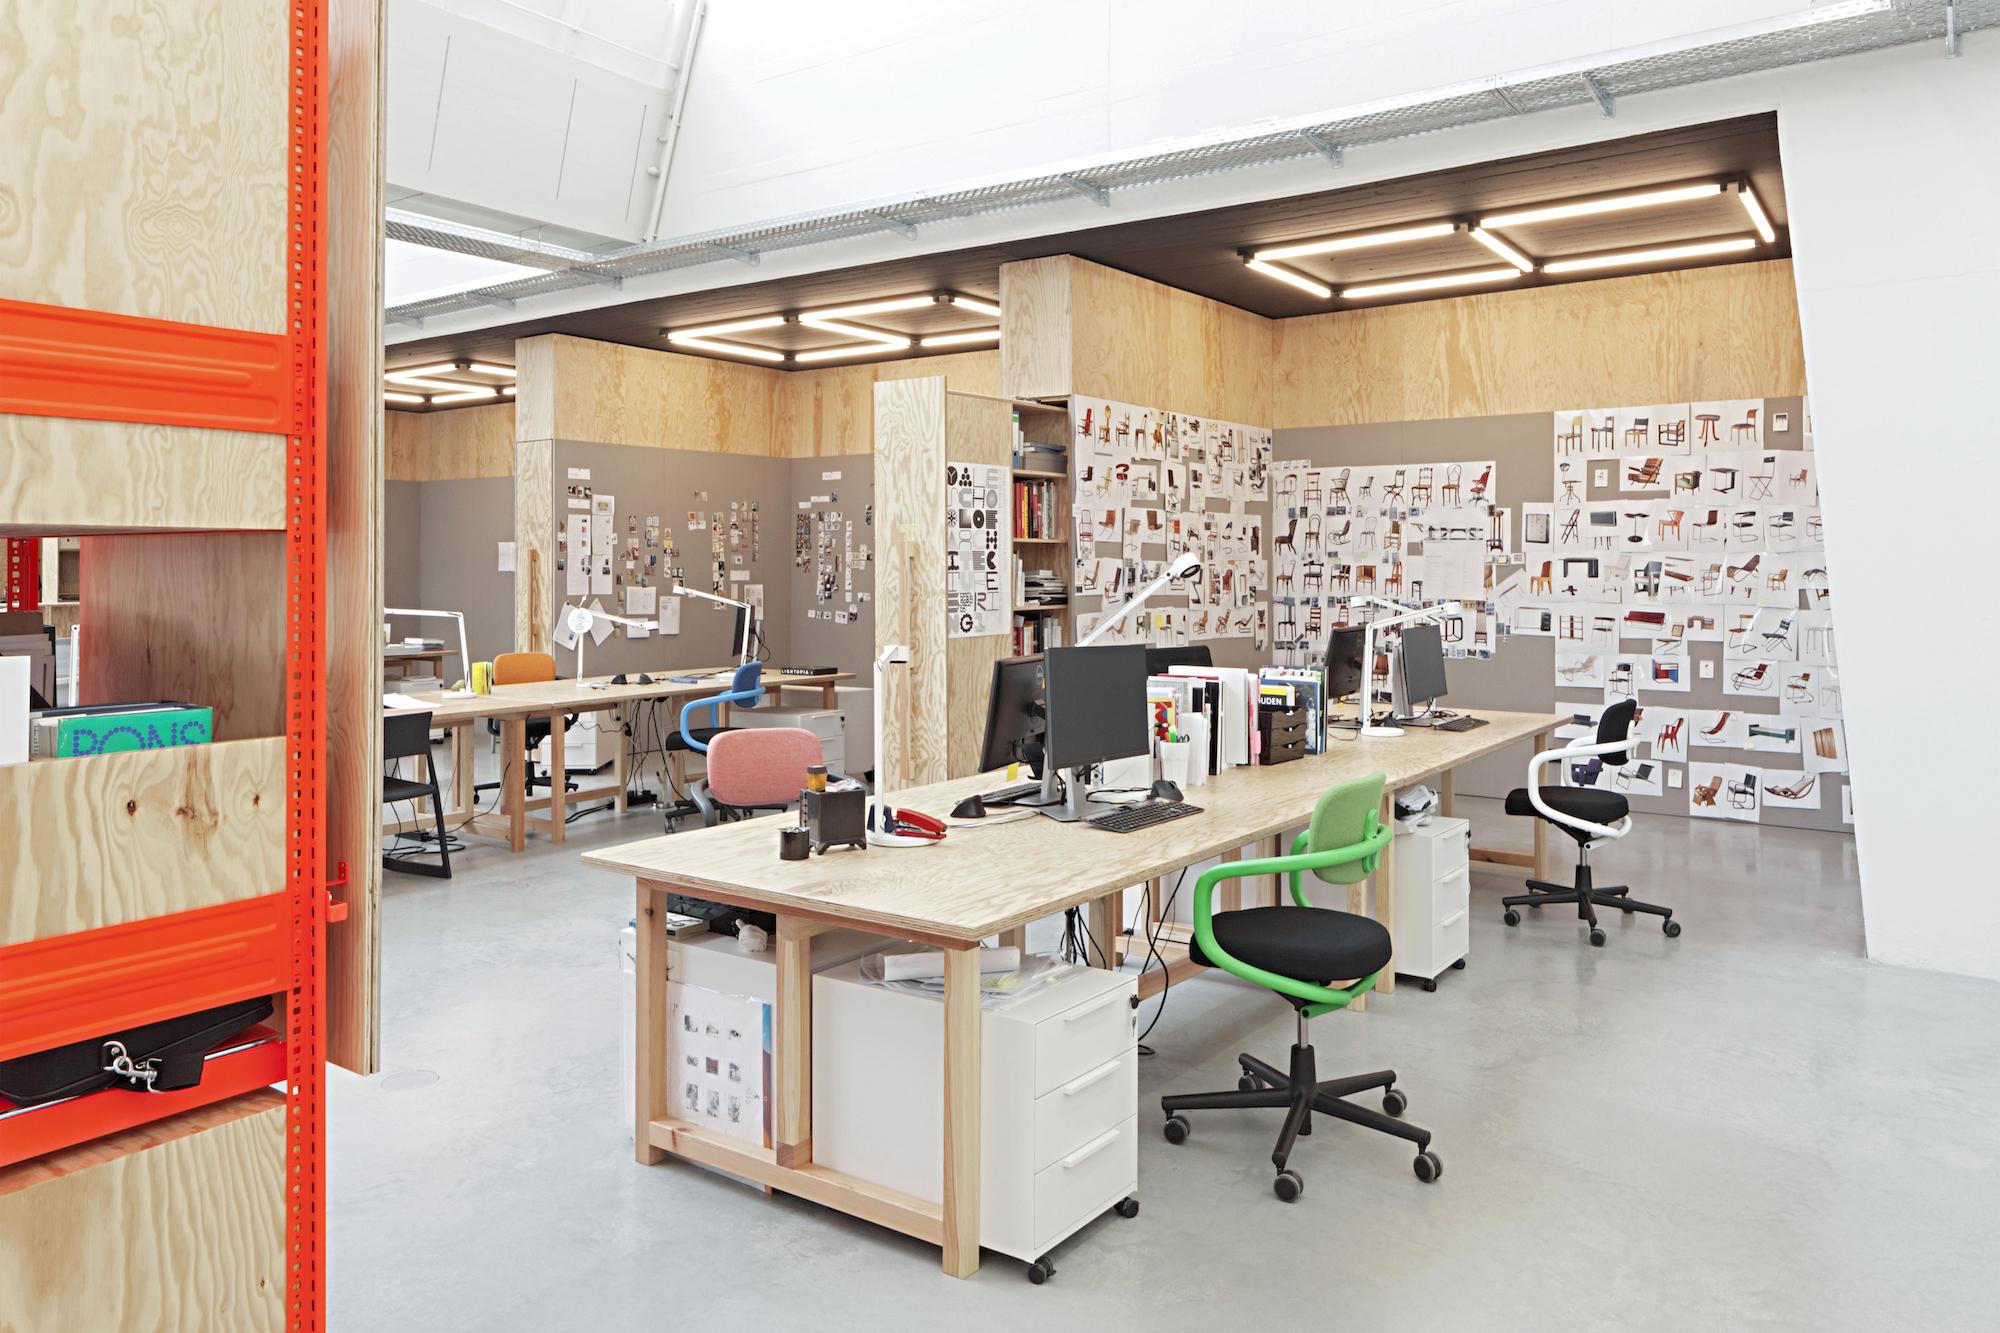 Vitra Design Museum Offices, Weil am Rhein